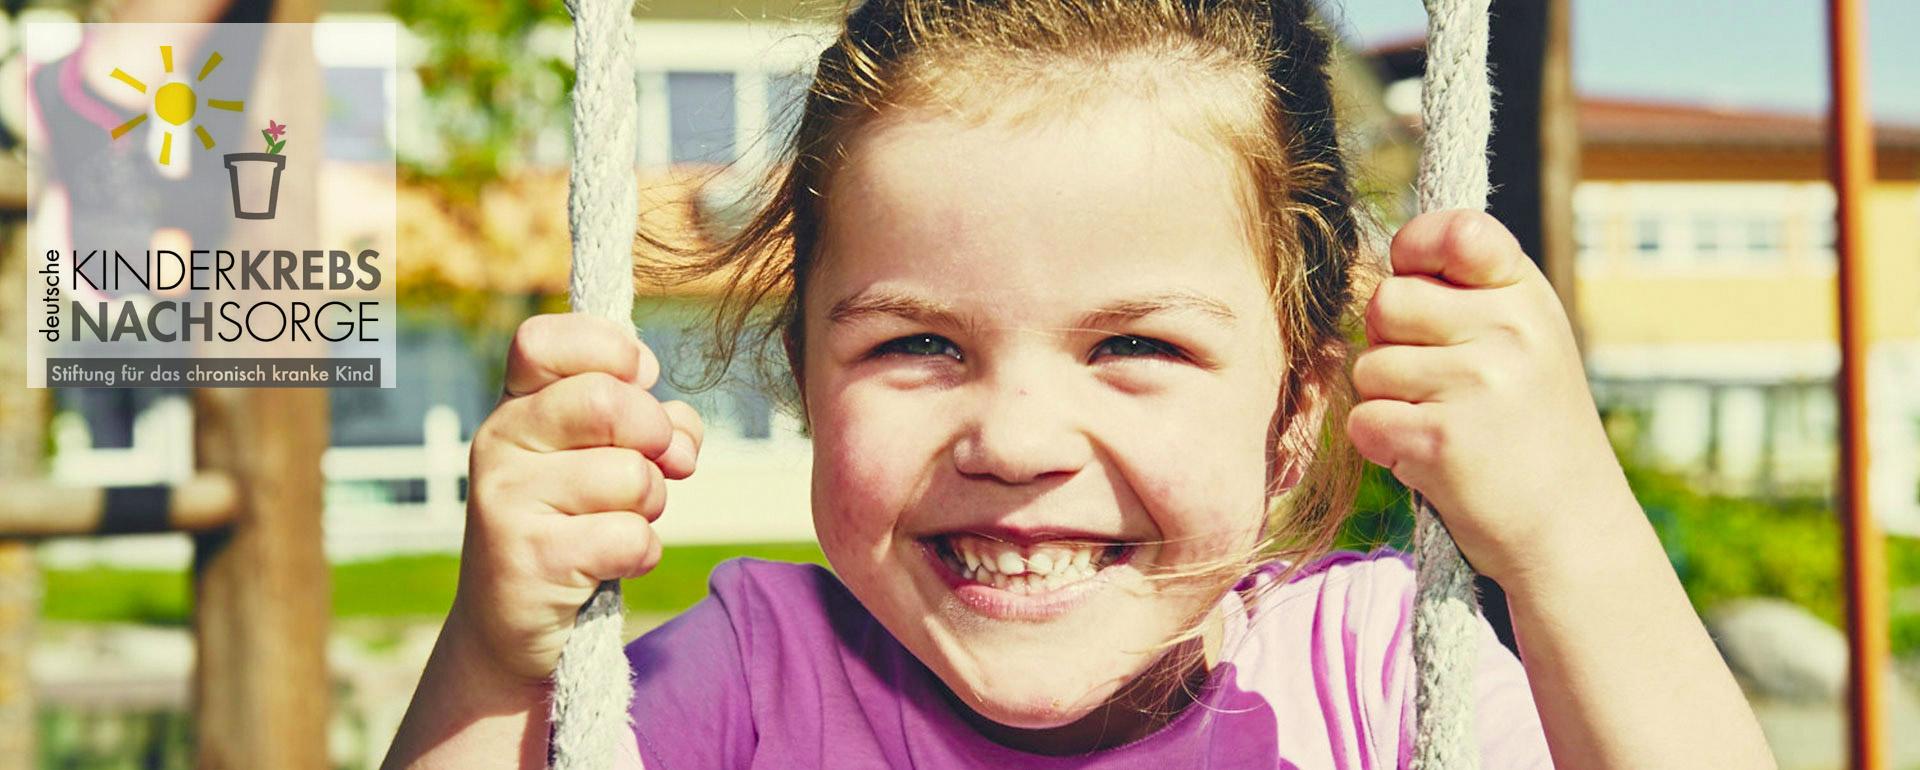 Deutsche Kinderkrebsnachsorge: Jetzt spenden!